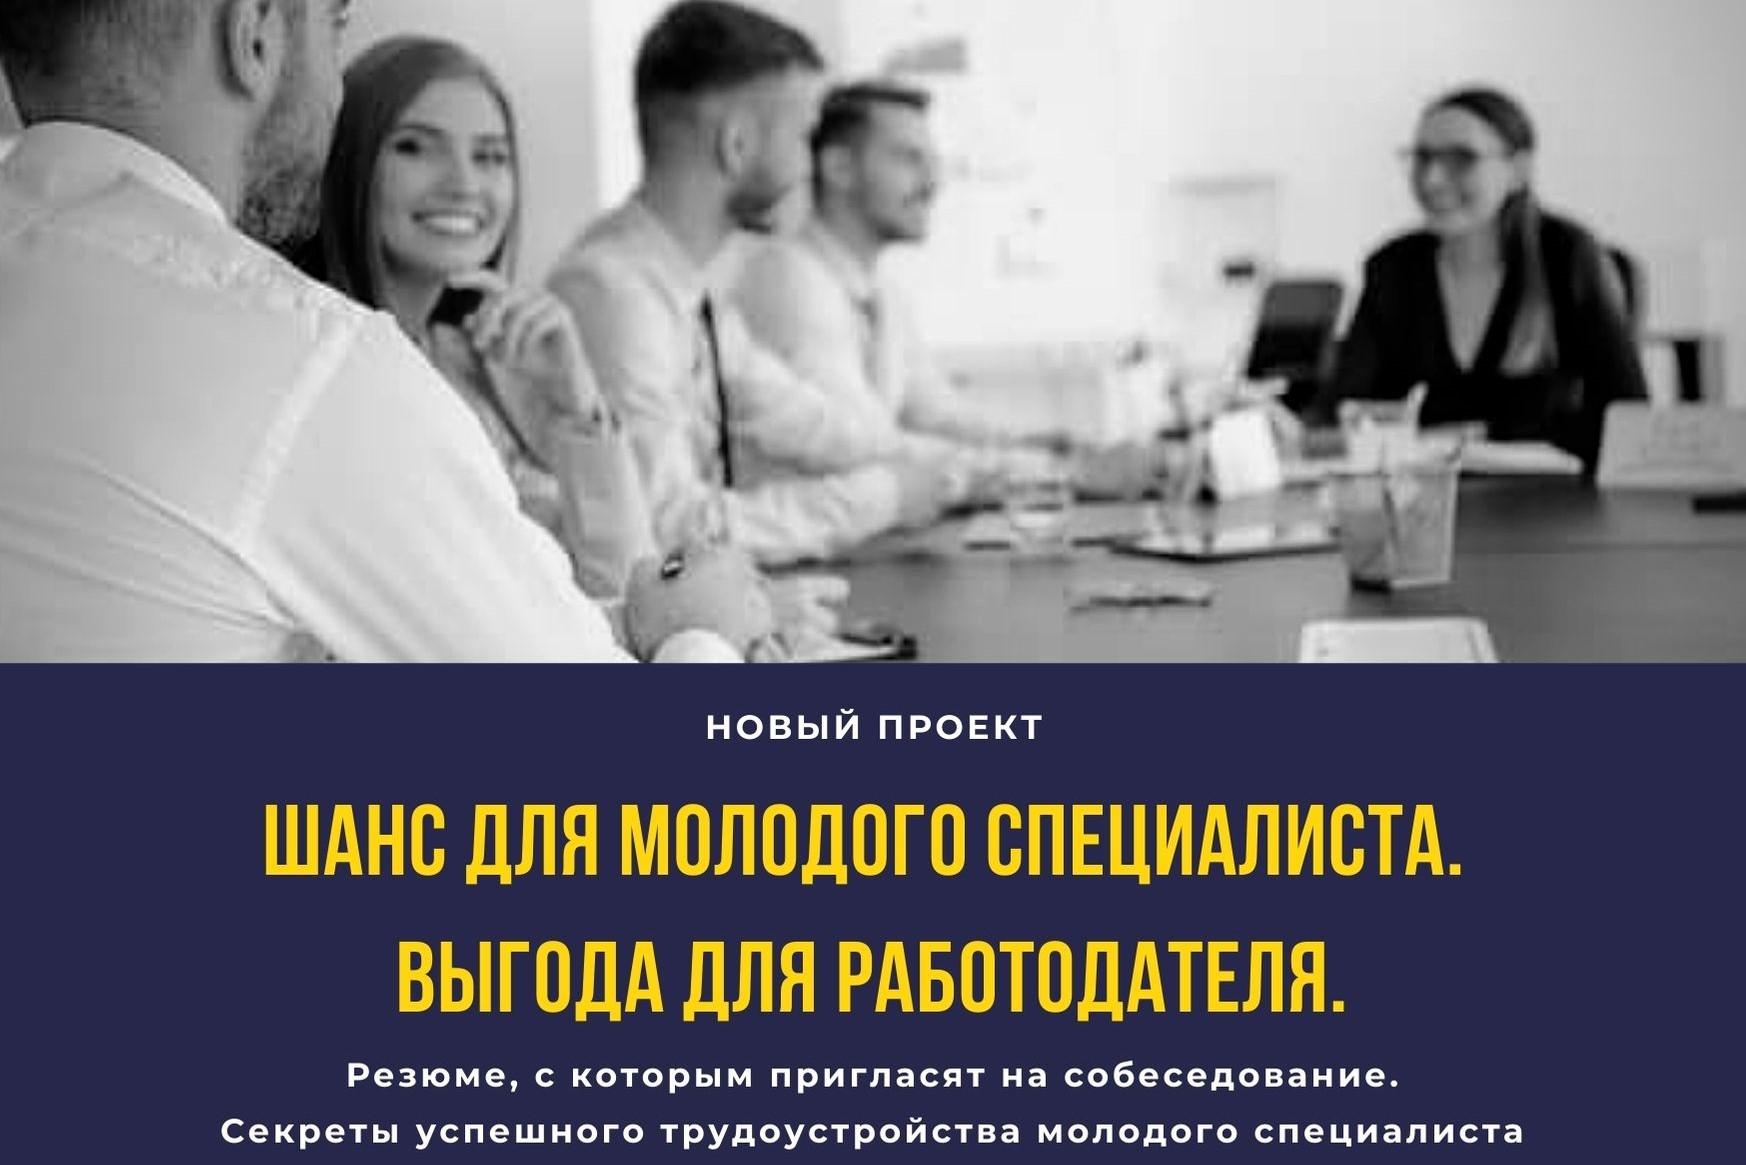 Шанс для молодого специалиста, выгода для работодателя — в областной службе занятости продолжается реализация нового проекта